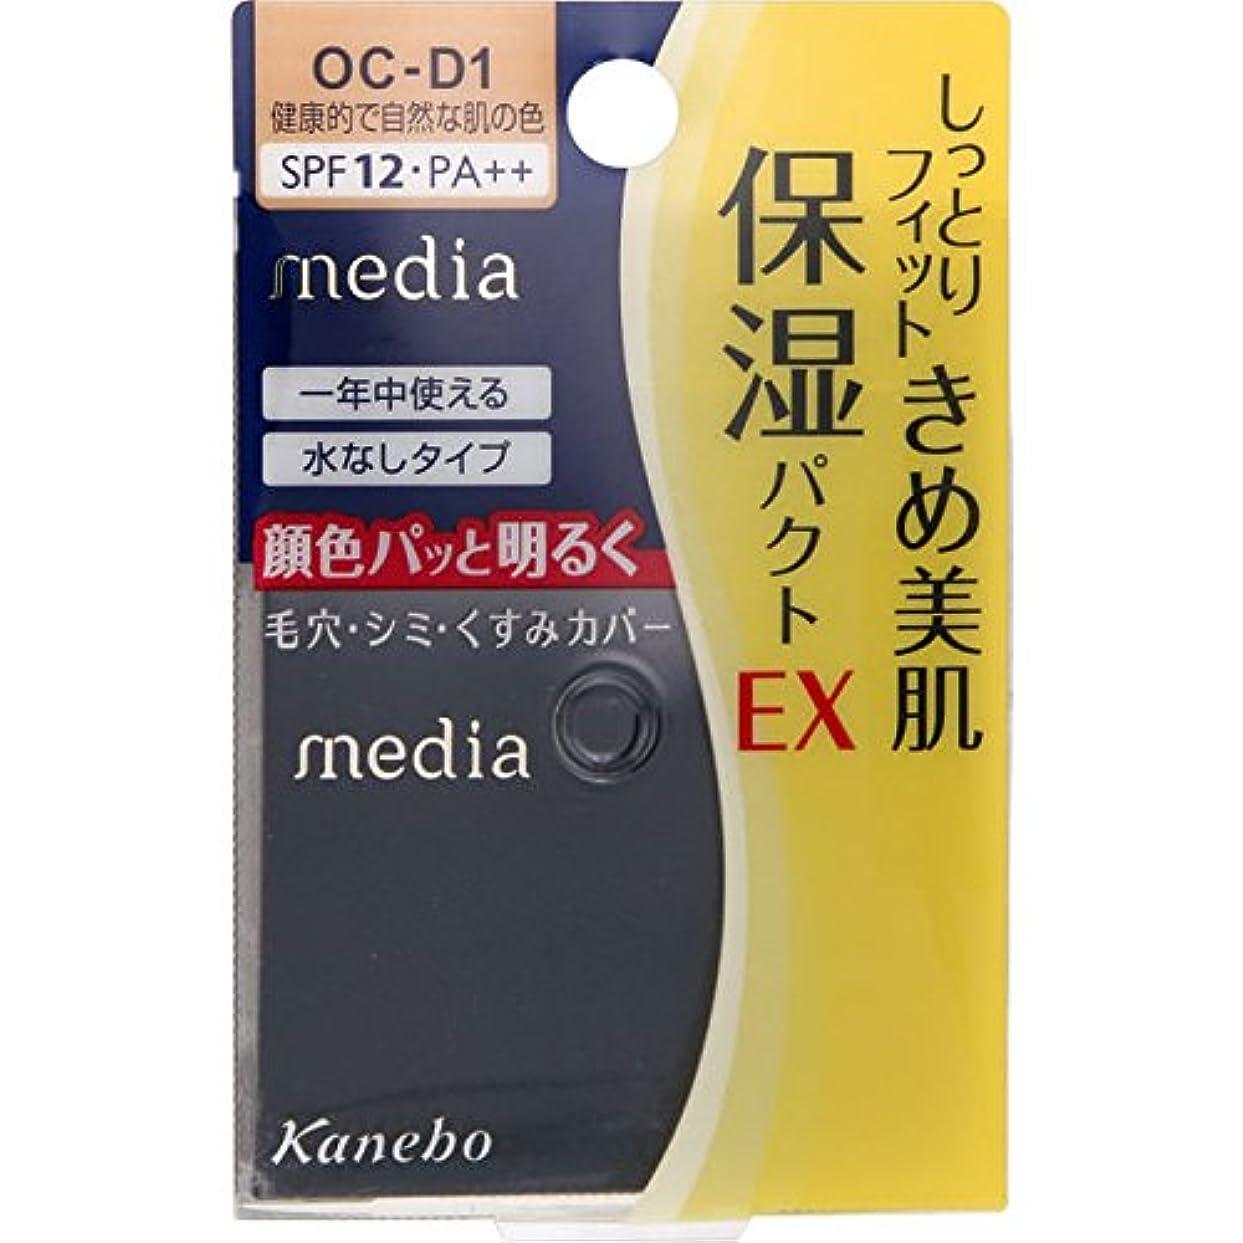 無一文バケット降雨カネボウ メディア モイストフィットパクトEX OC-D1(11g)